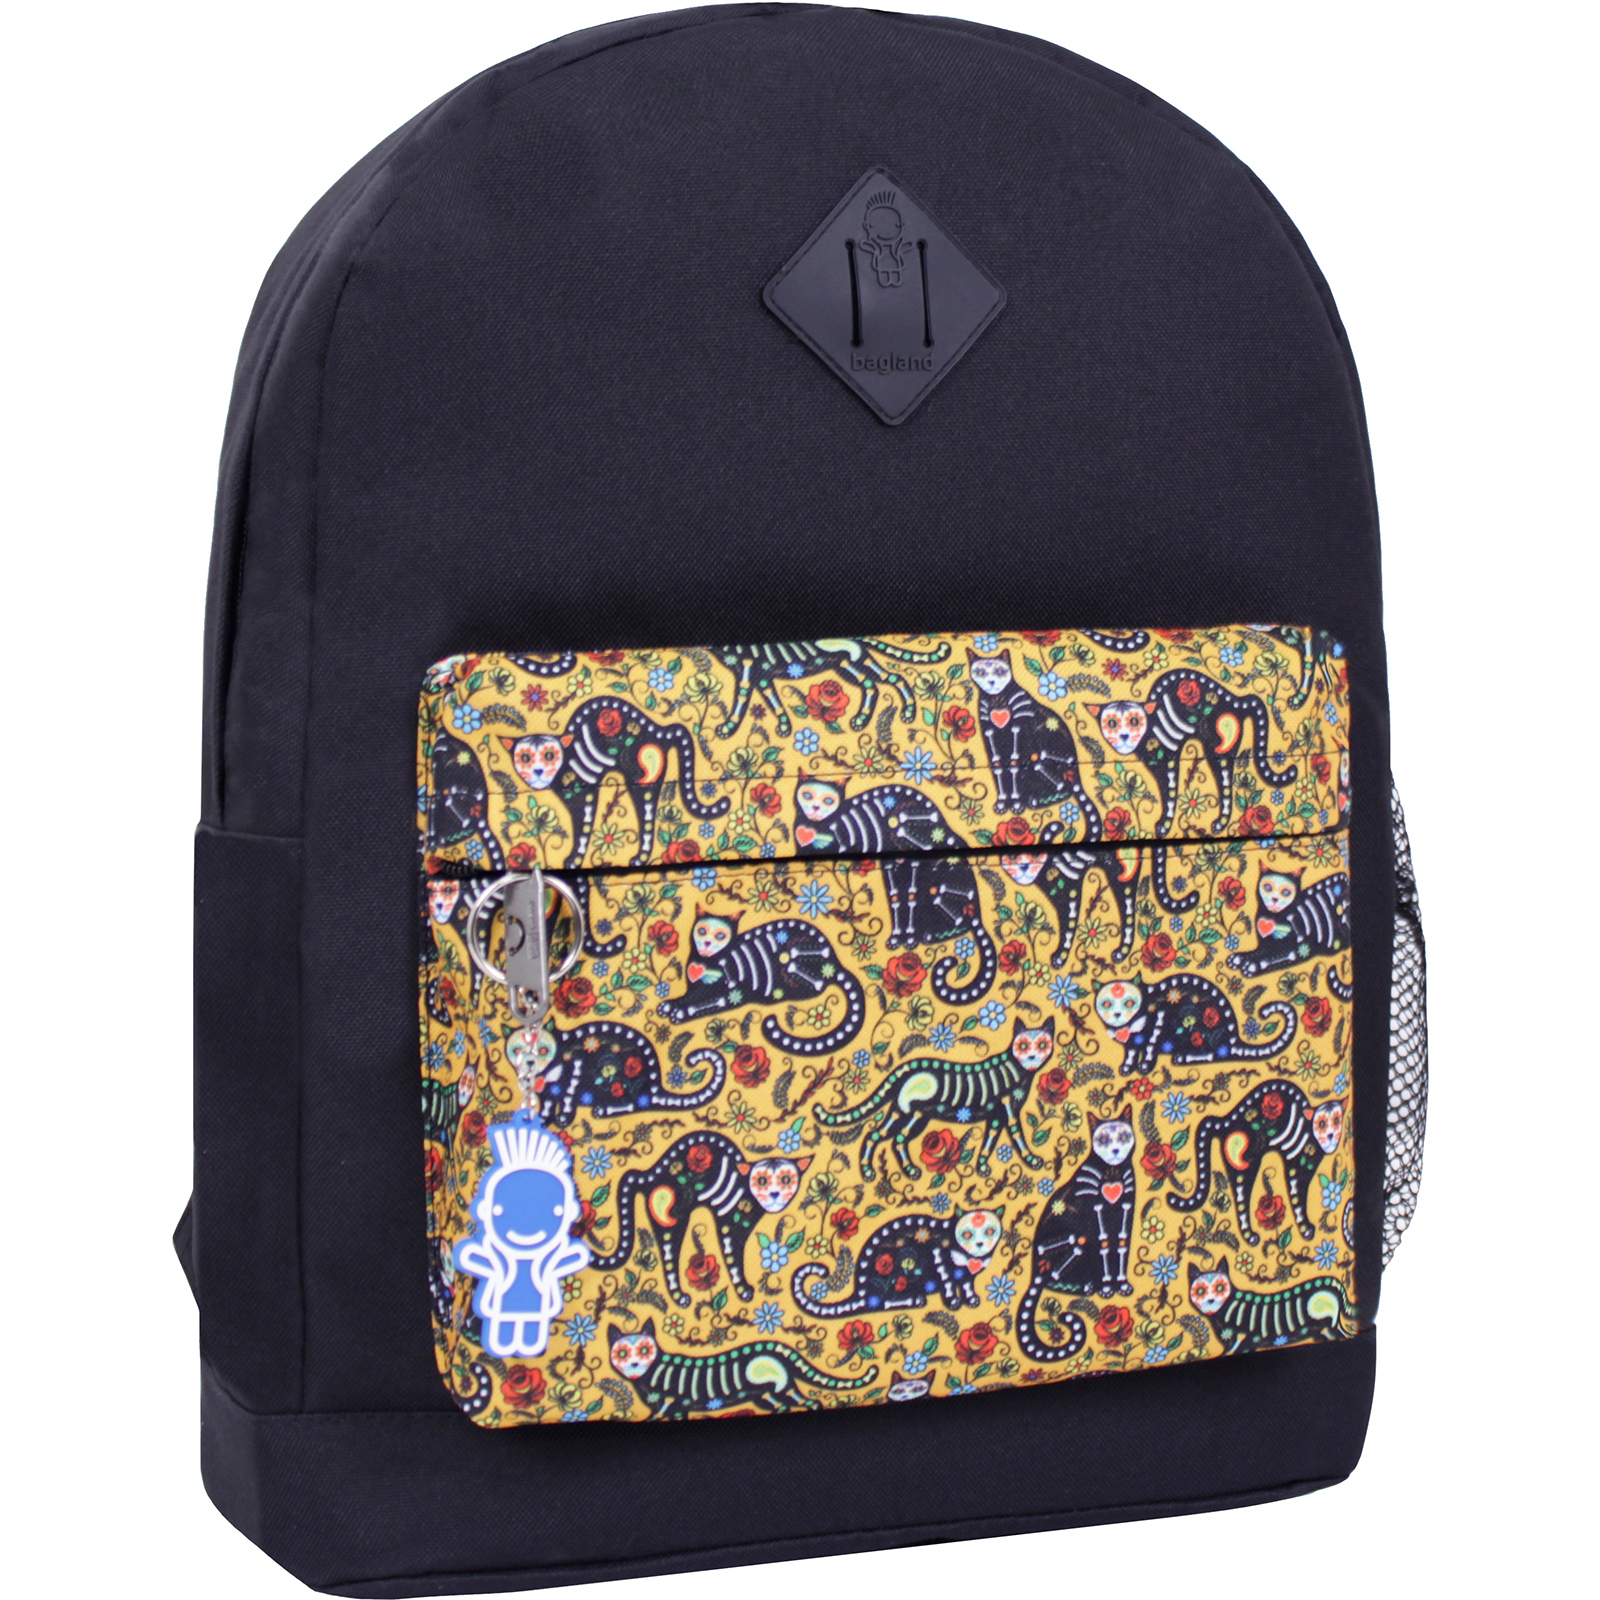 Городские рюкзаки Рюкзак Bagland Молодежный W/R 17 л. черный 452 (00533662) IMG_2421_суб.452_.JPG